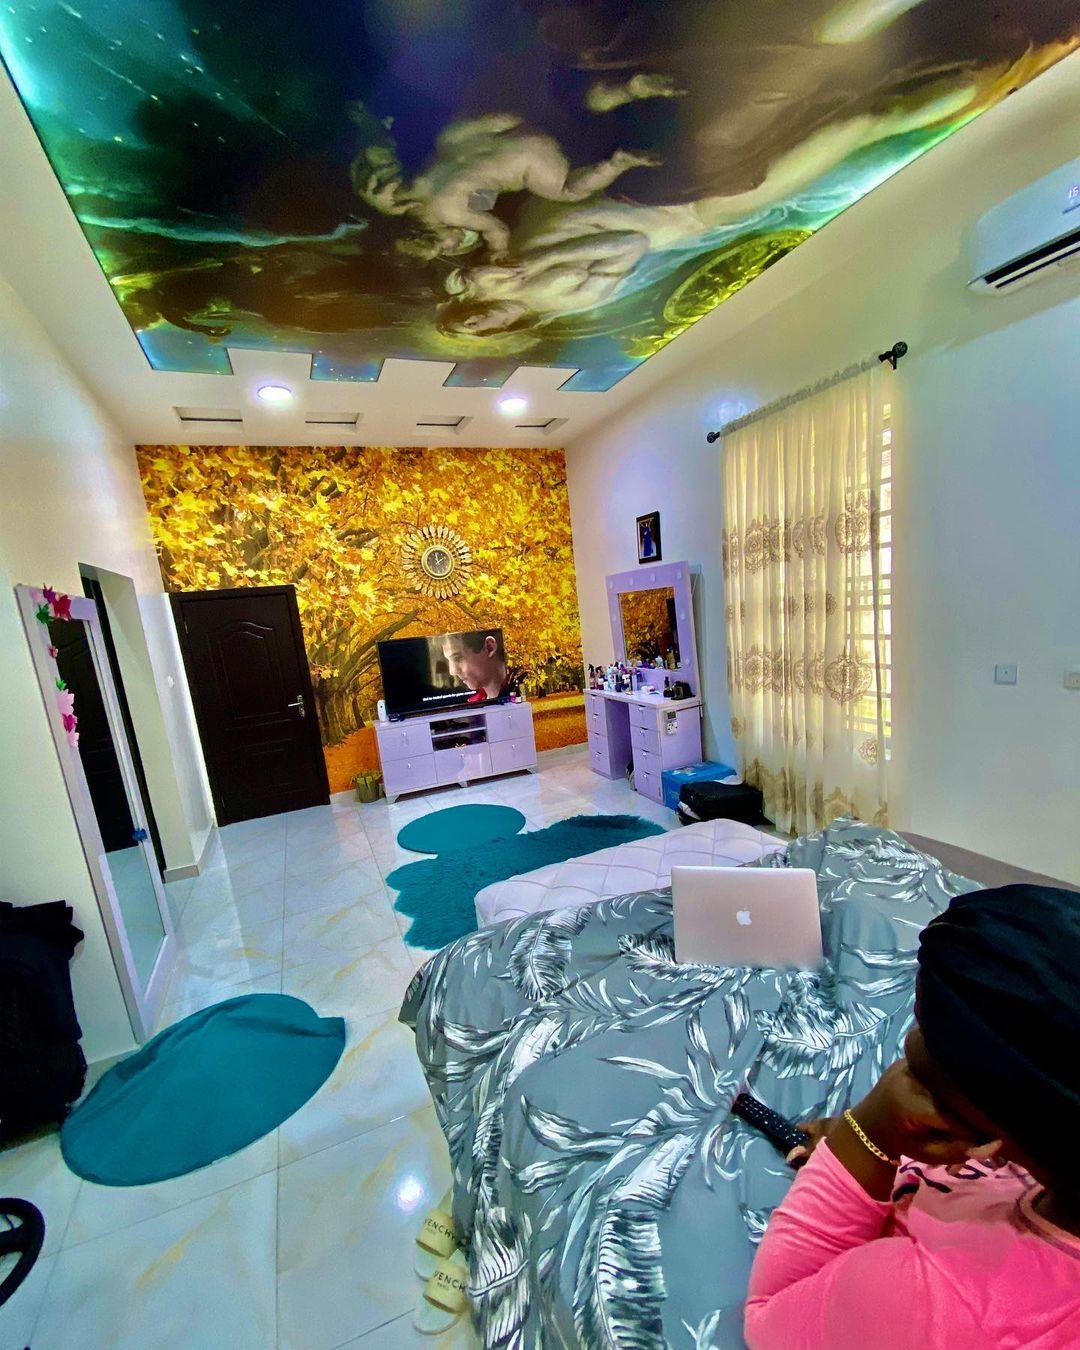 Eniola Badmus' home